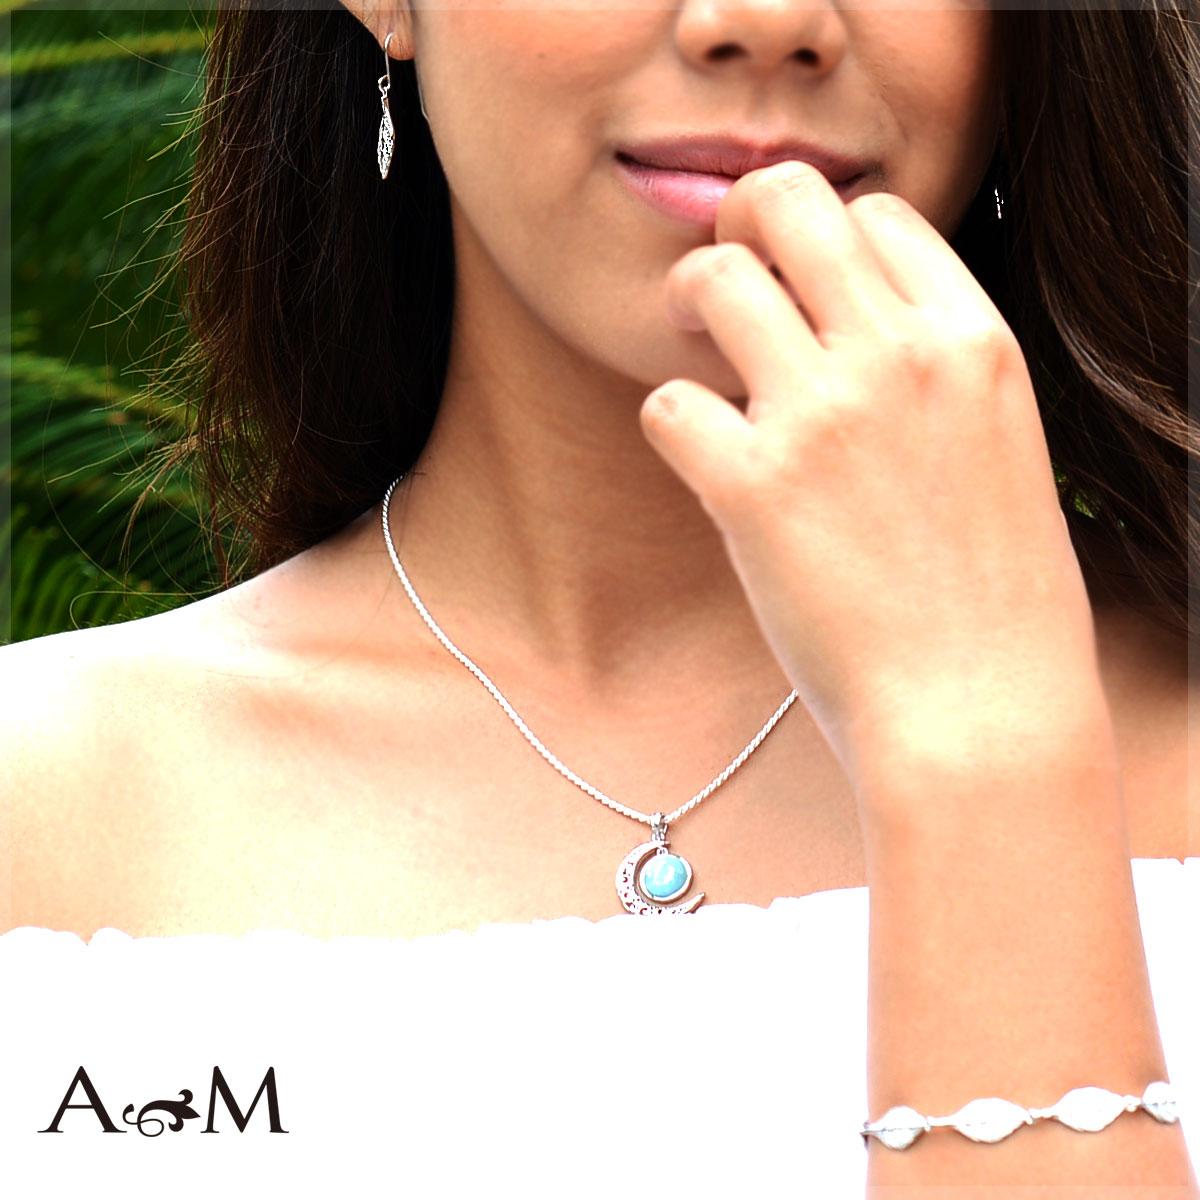 ハワイアンジュエリー アクセサリー レディース 女性 メンズ 男性  ラリマーハーフムーンペンダント ラリマー シルバー 925 ペンダント ネックレス bpd1483